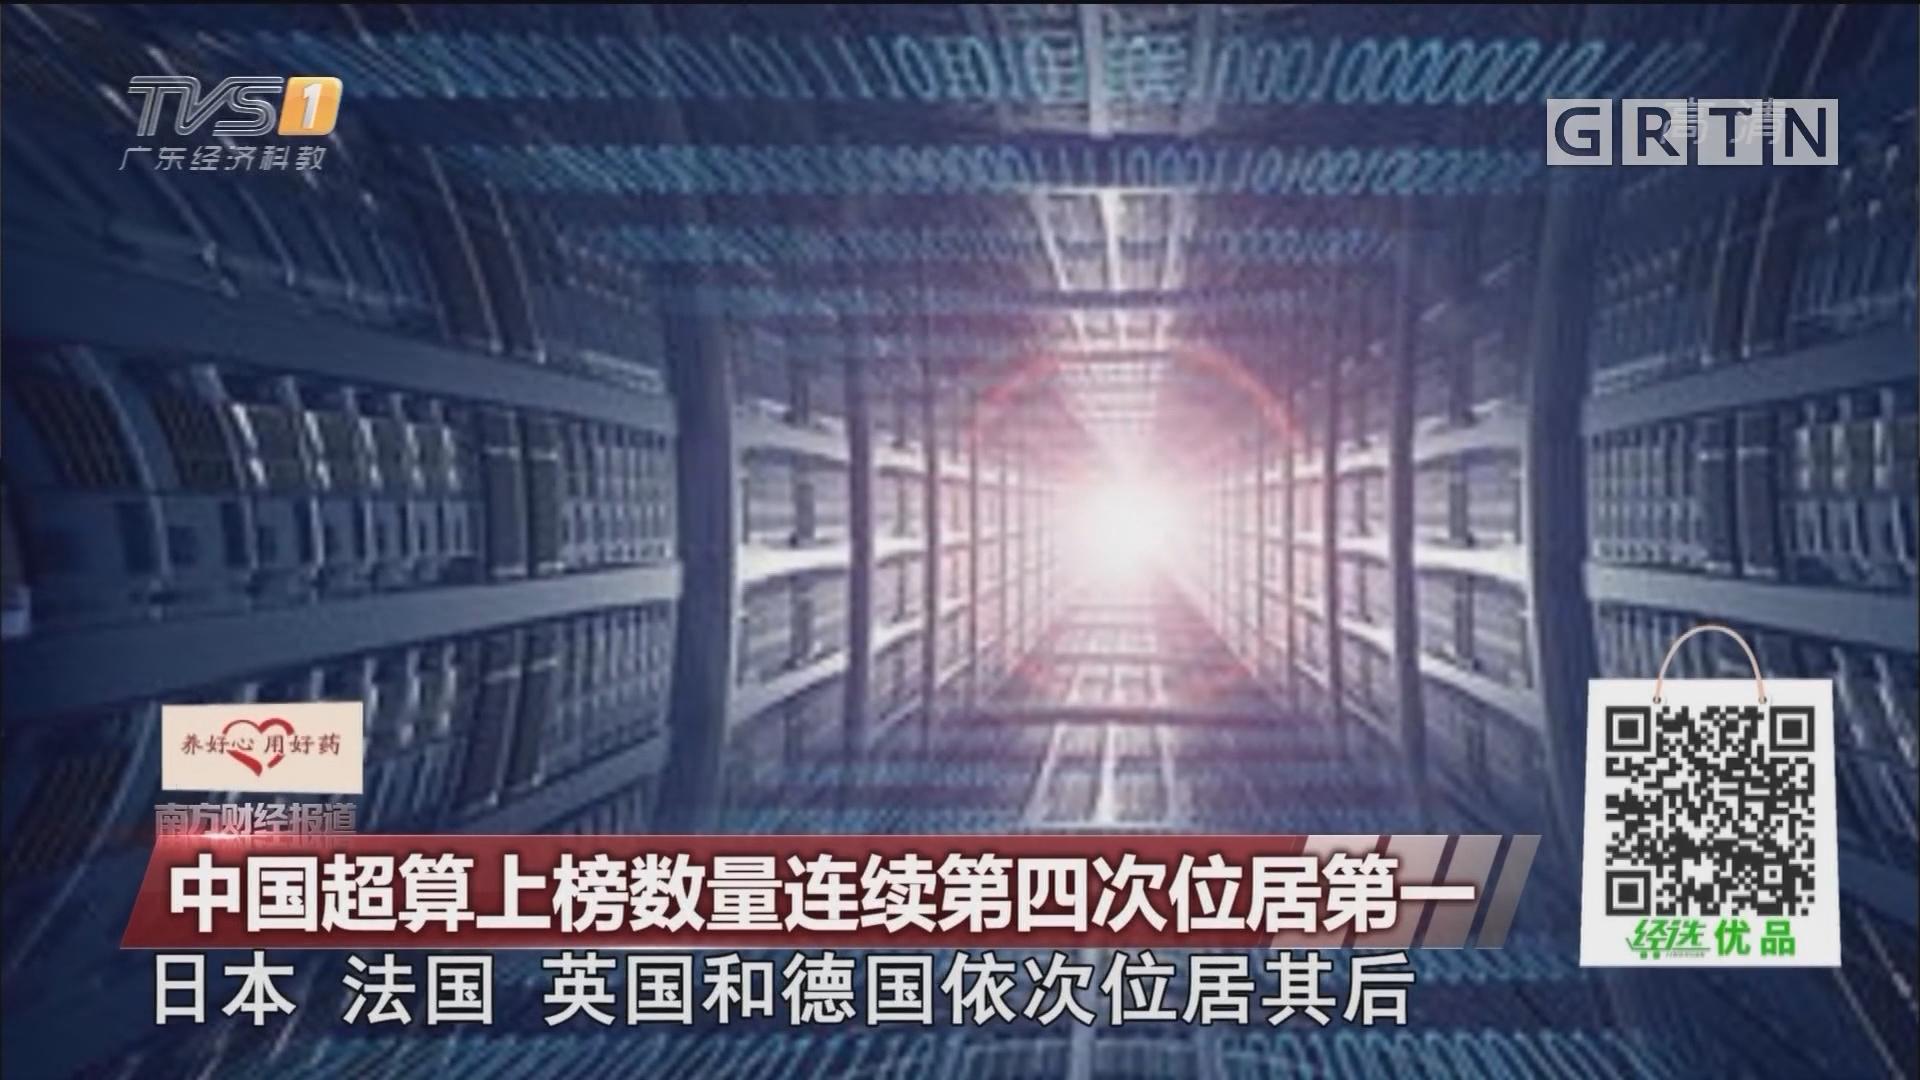 中国超算上榜数量连续第四次位居第一